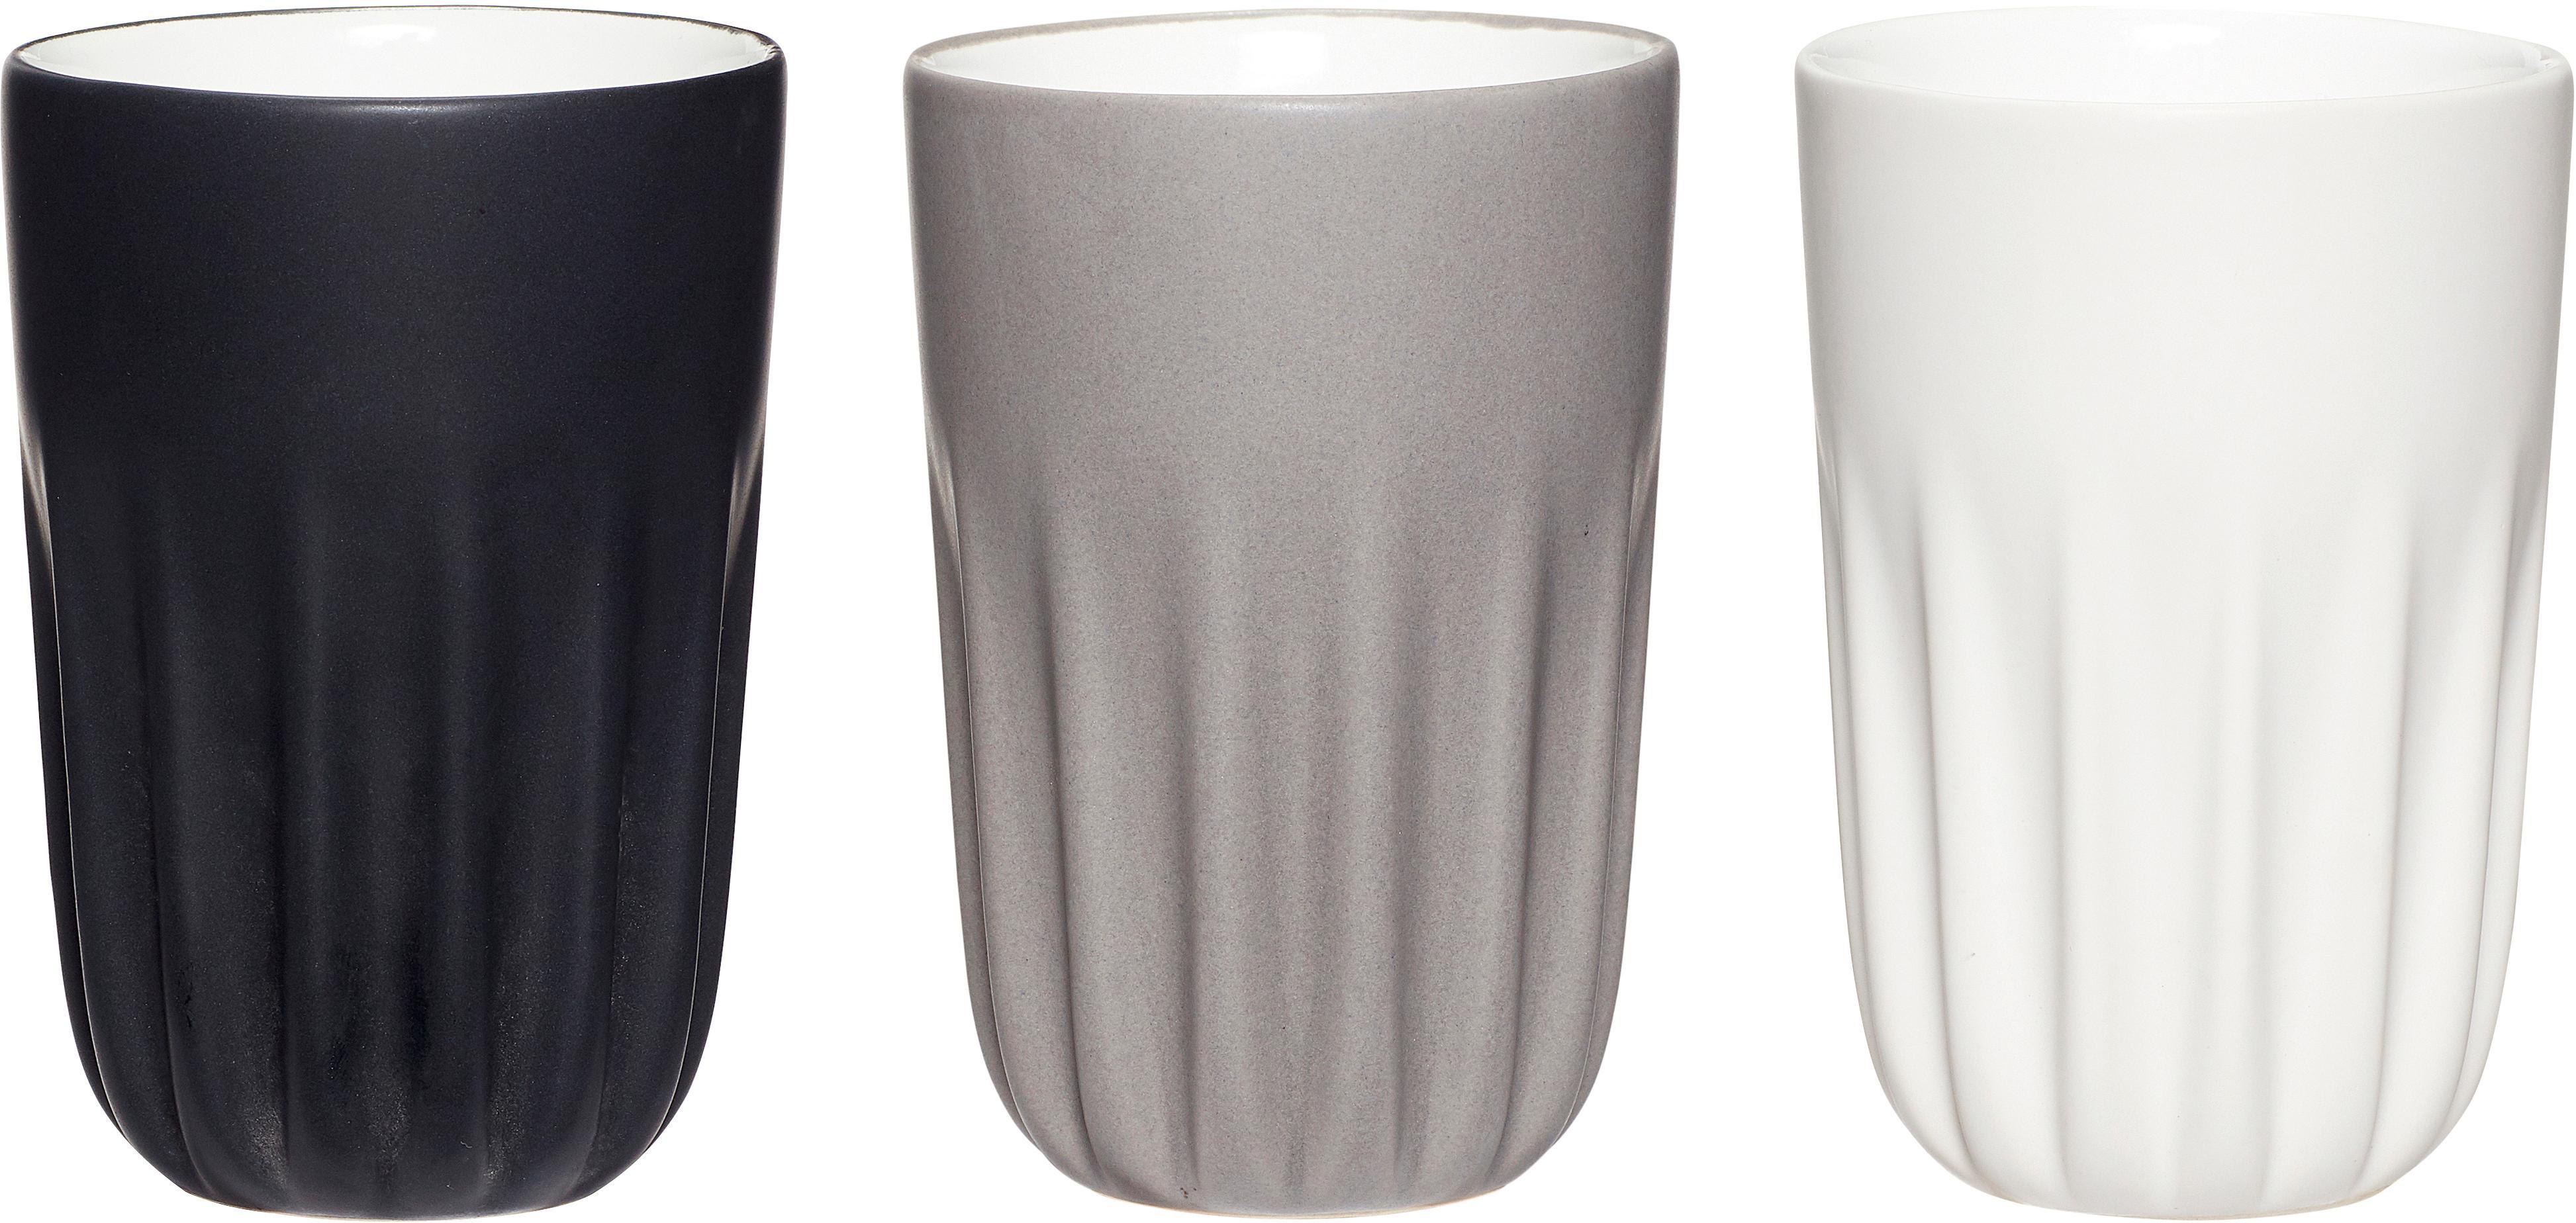 Tazas de cerámica Erlang, 3pzas., Cerámica, Blanco, negro, gris, Ø 8 x Al 12 cm